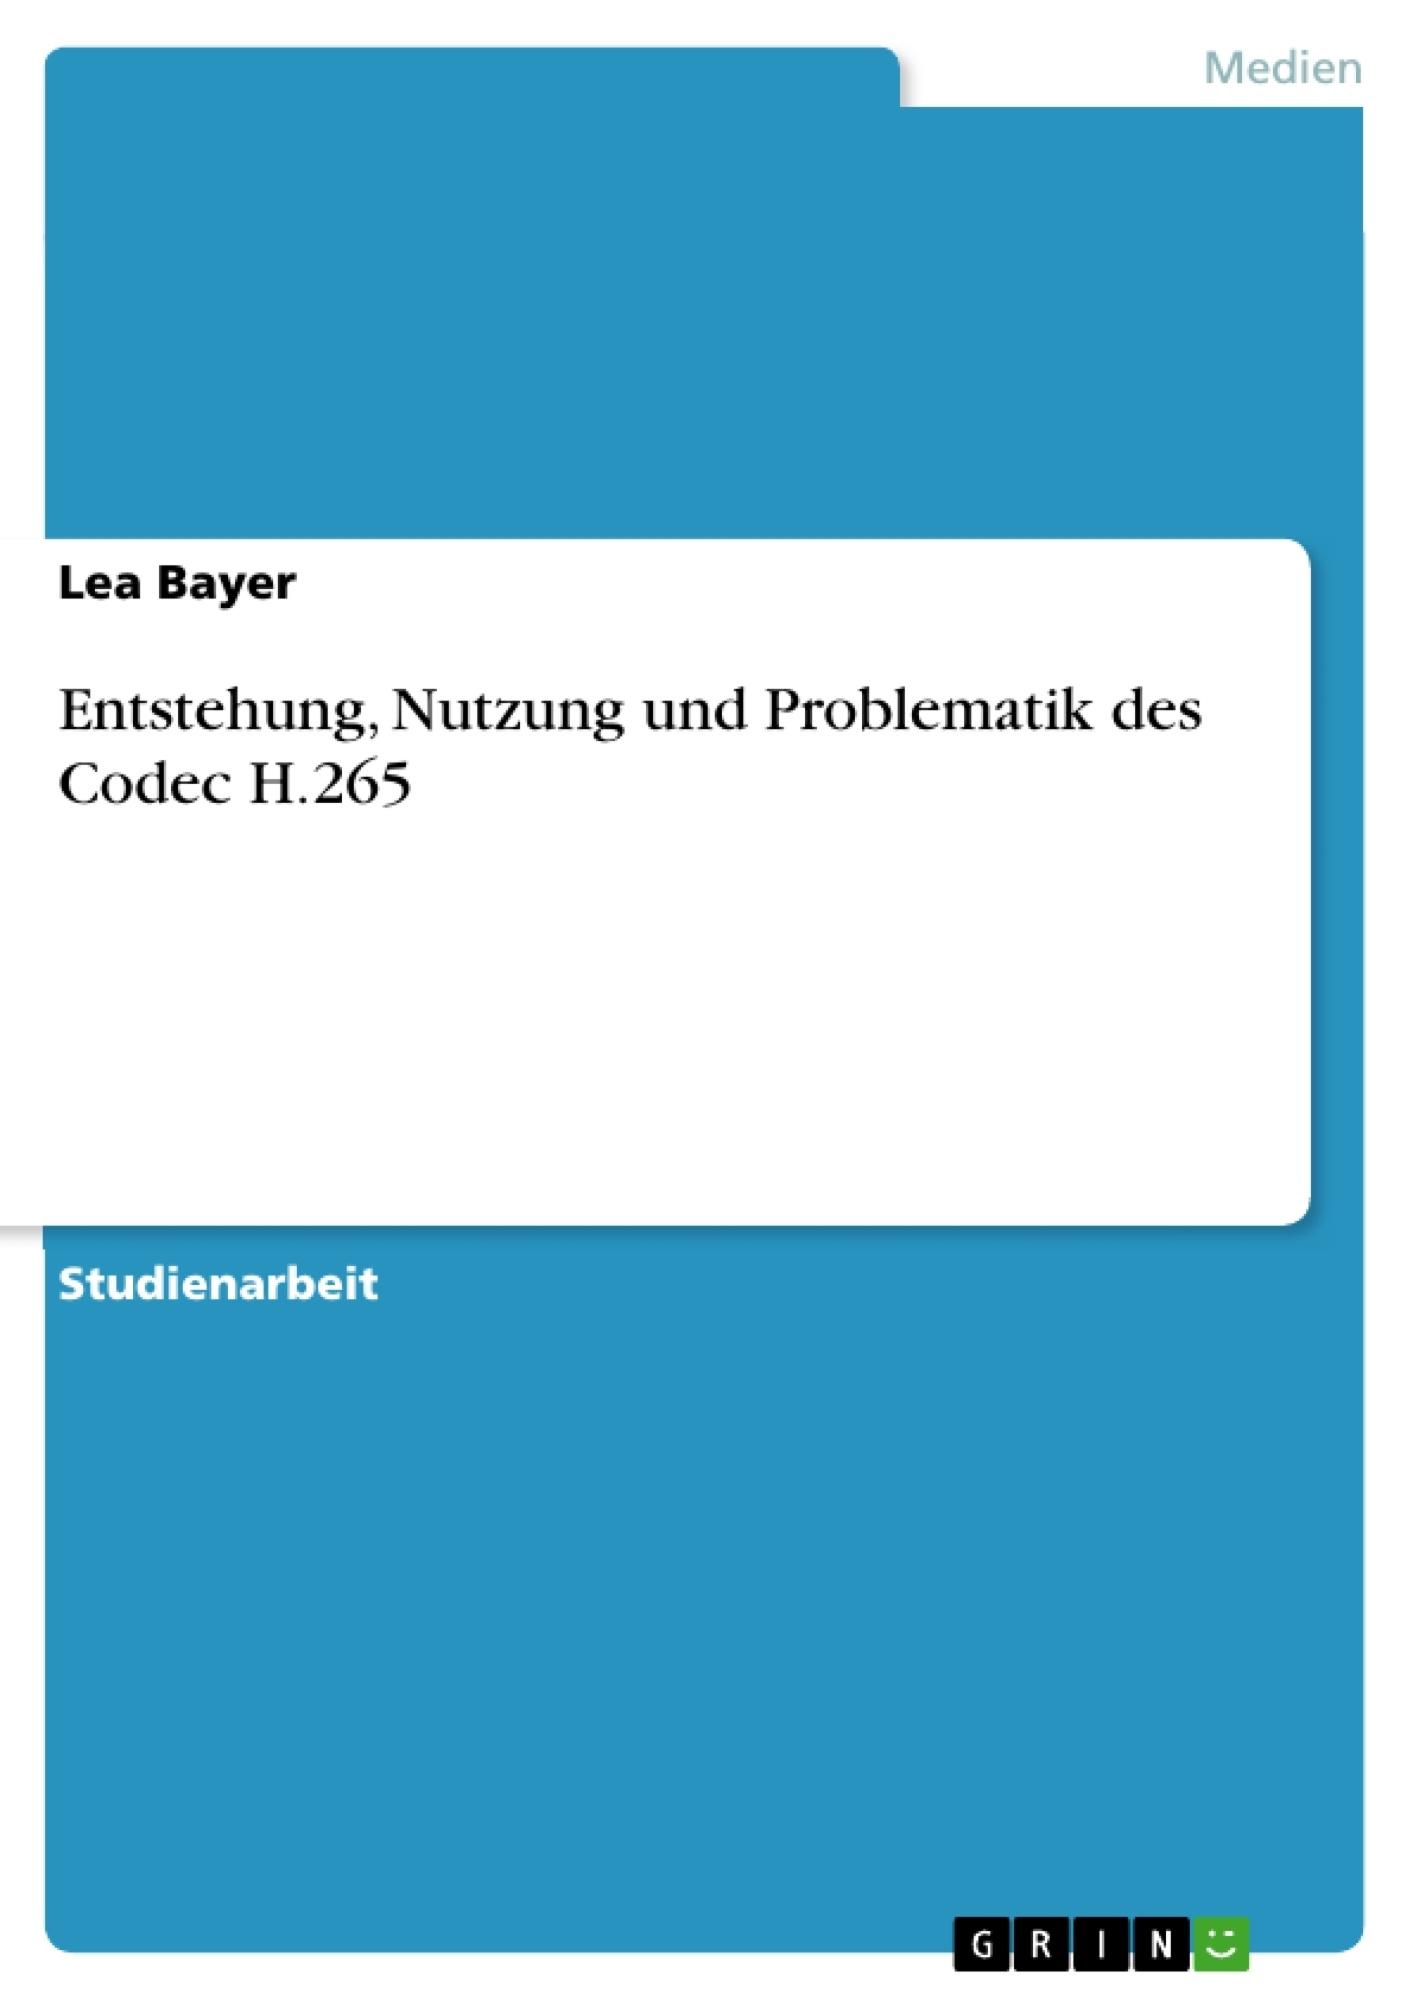 Titel: Entstehung, Nutzung und Problematik des Codec H.265